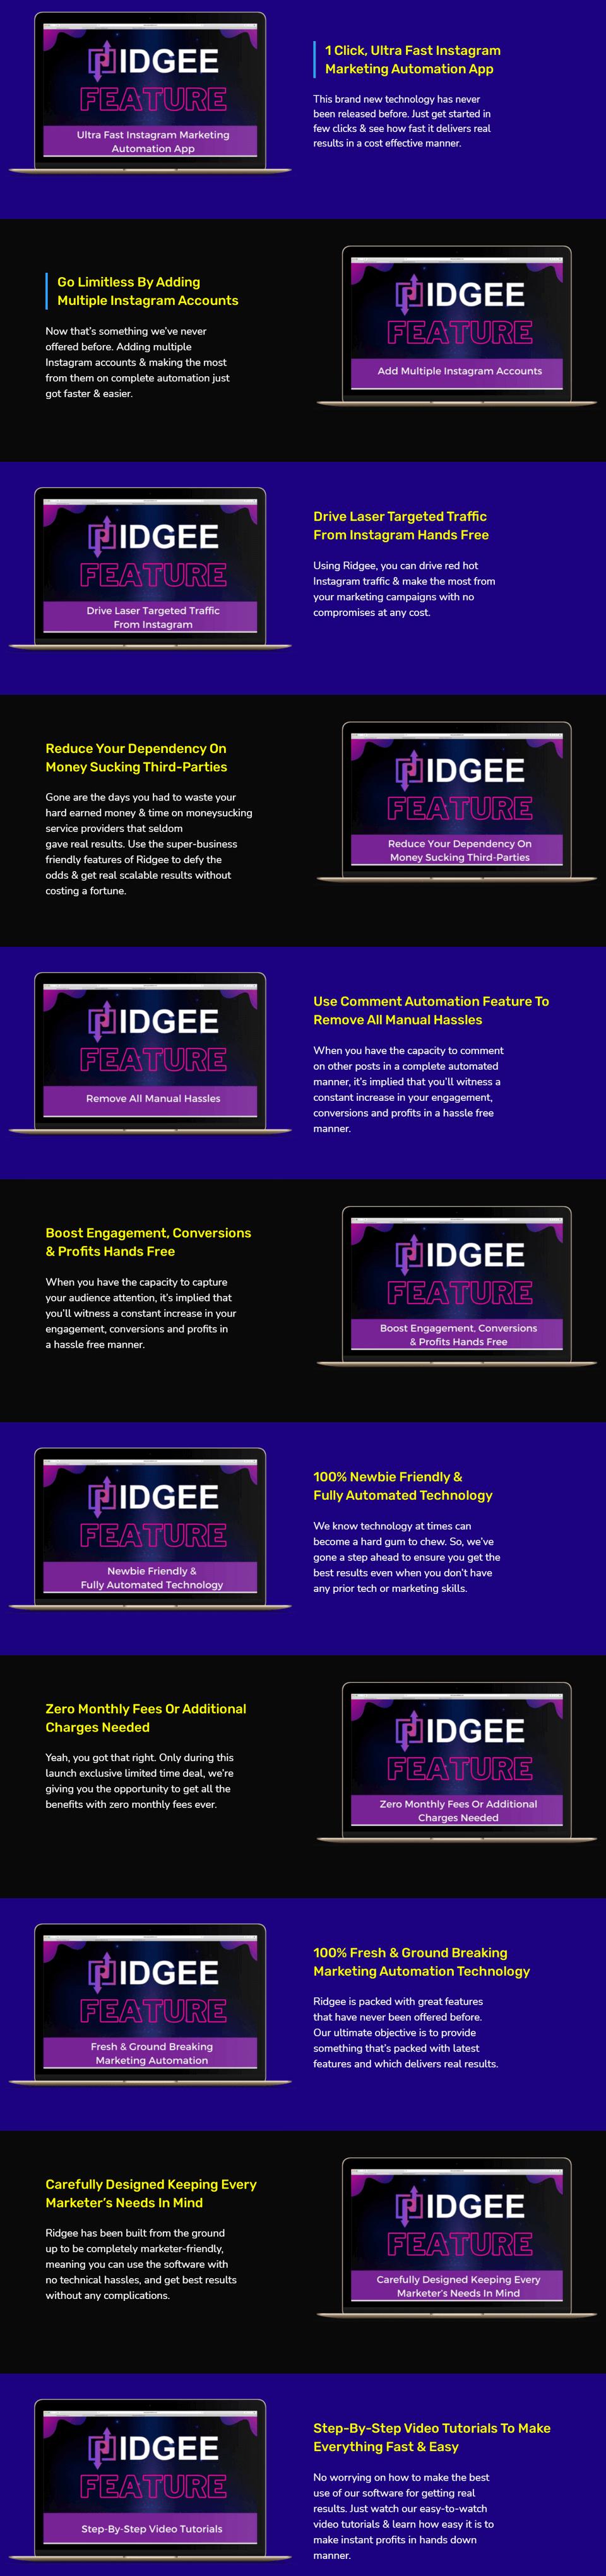 Ridgee-feature